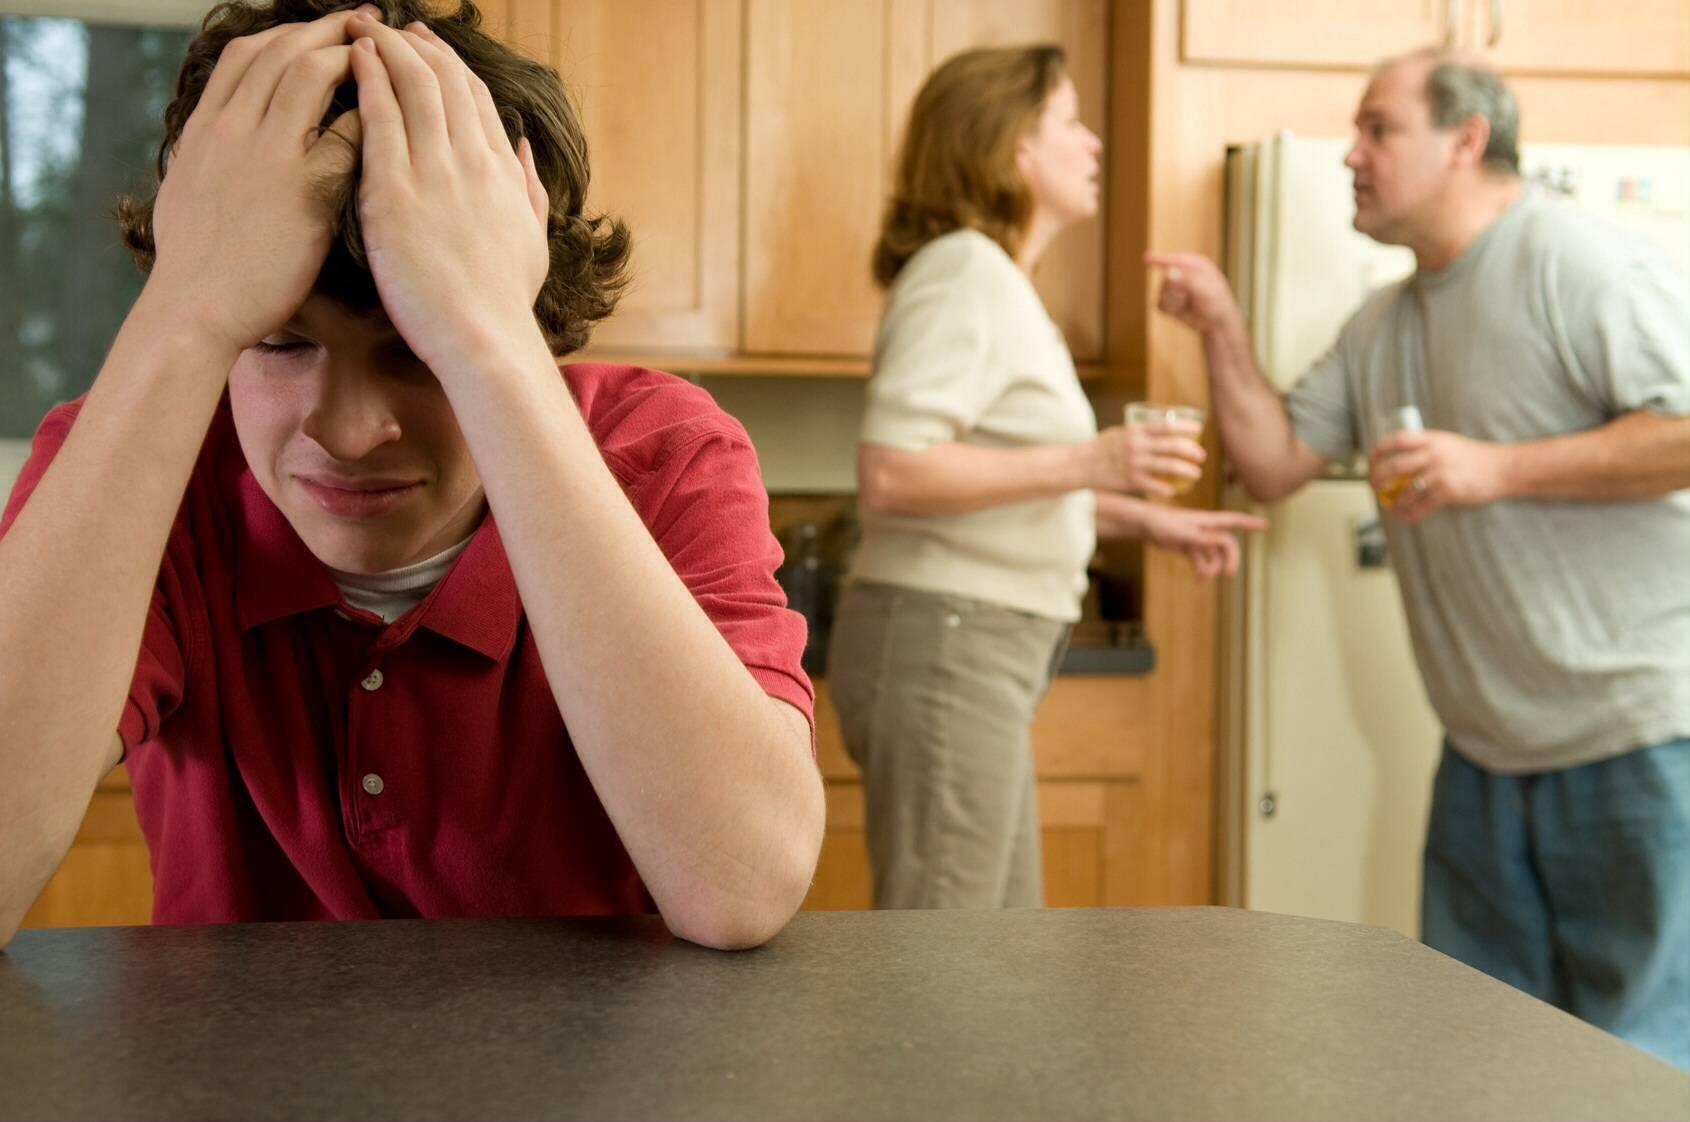 Муж алкоголик – что делать? Советы психолога